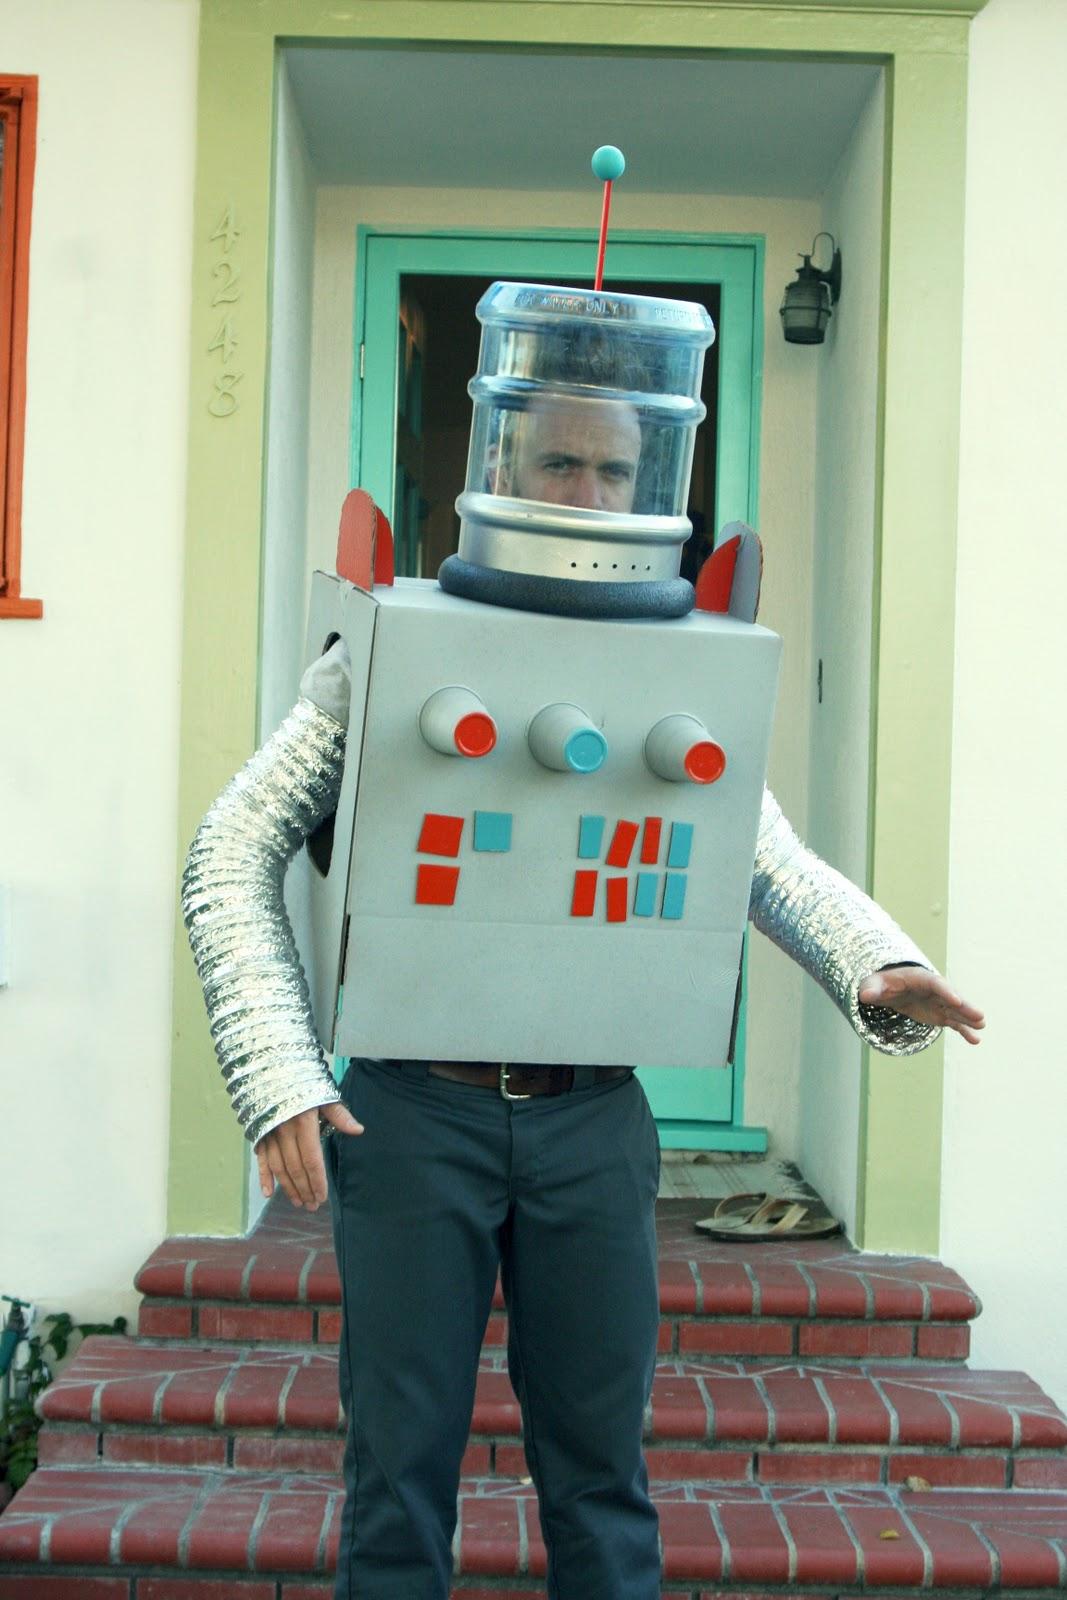 того, картинки для костюма робот россии